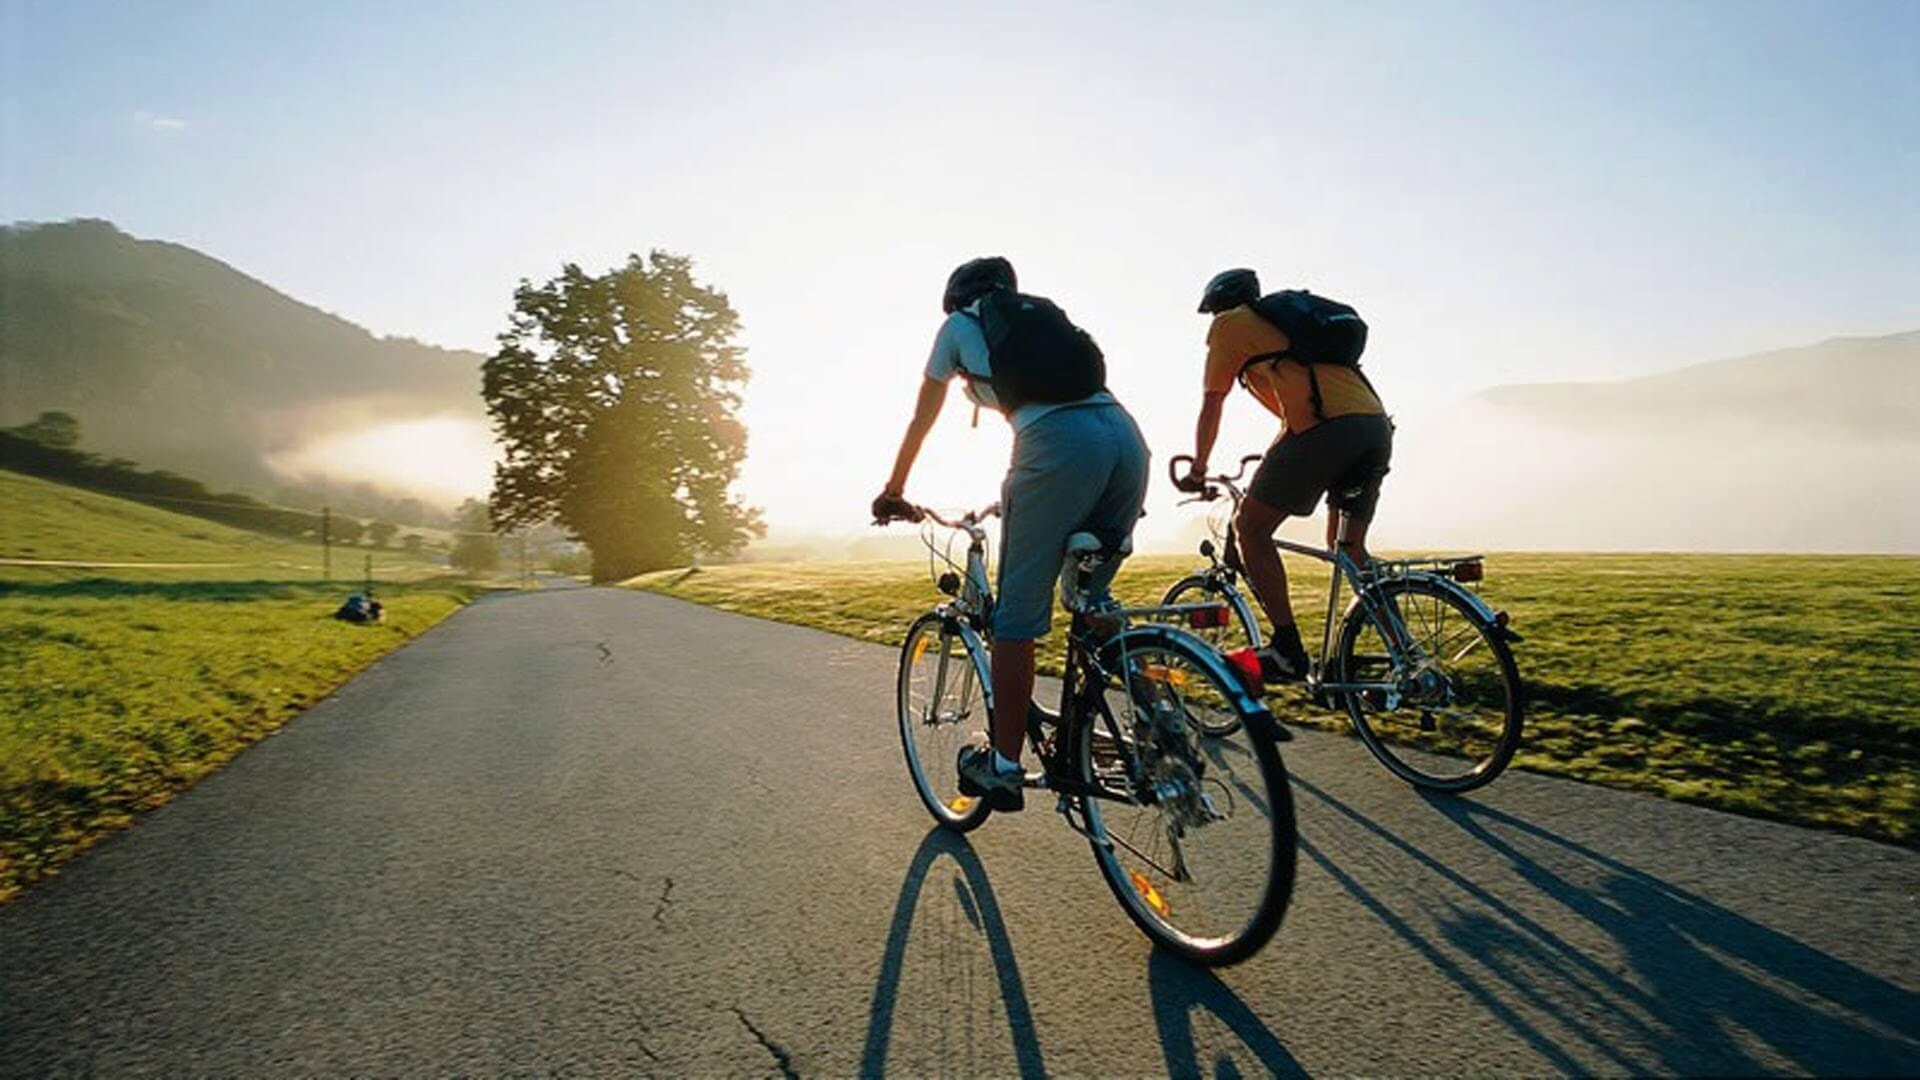 Безопасность для велосипедистов